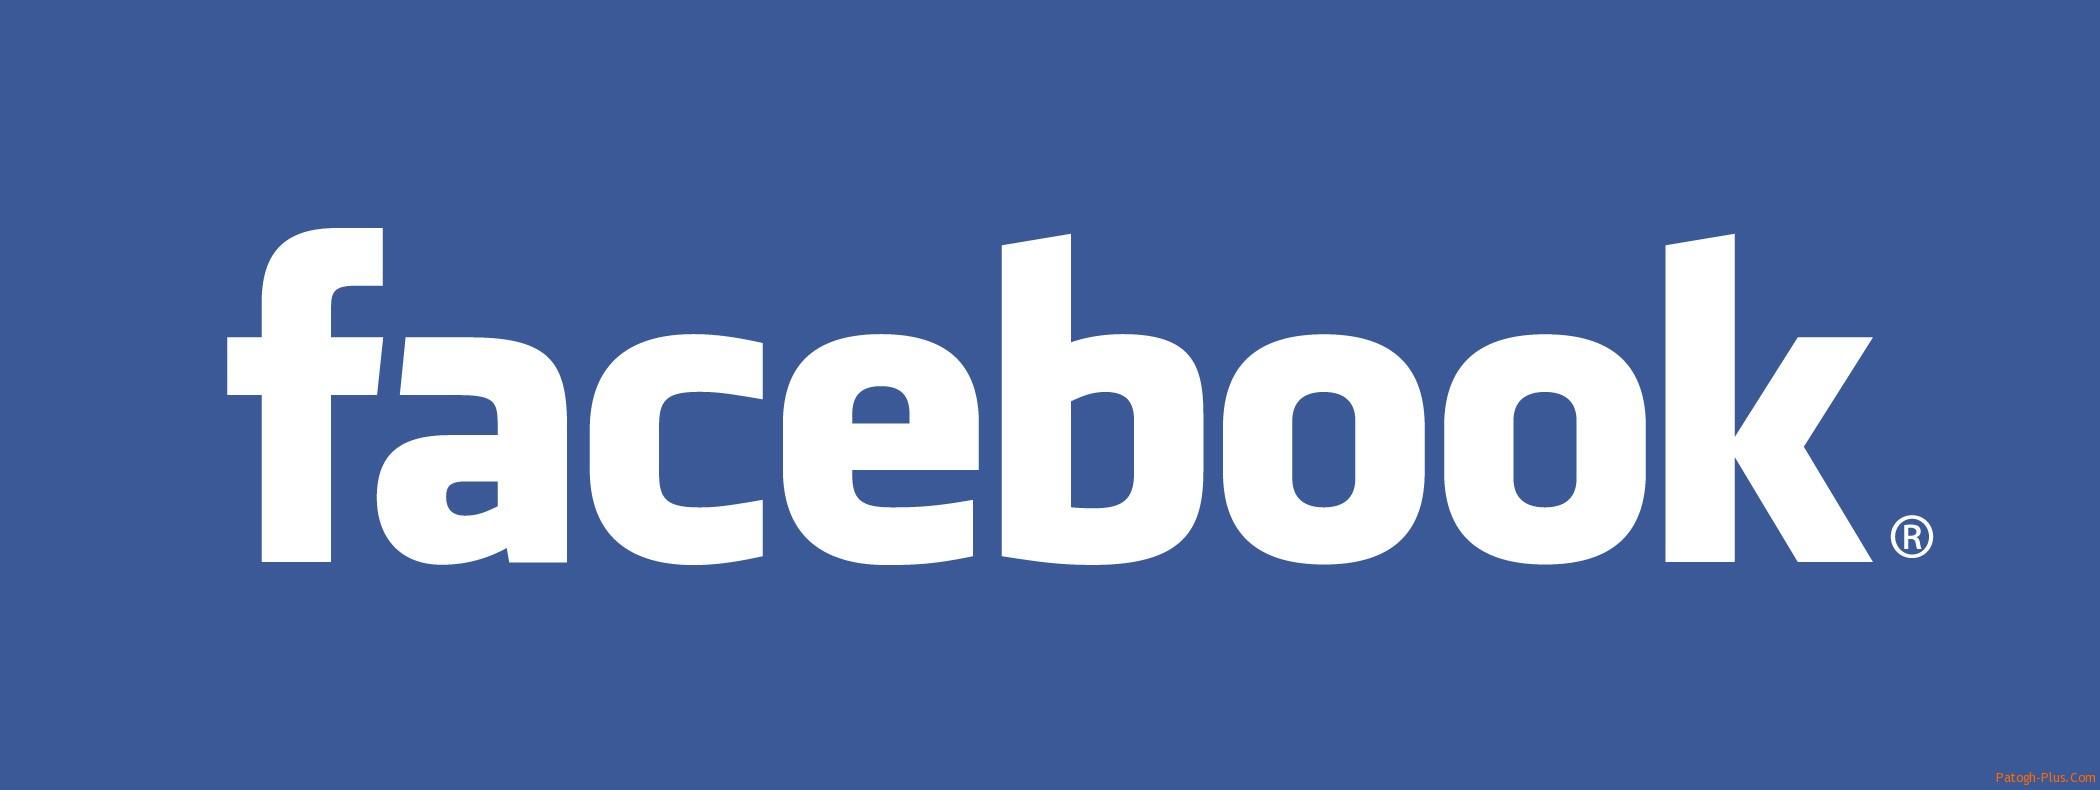 فیلترینگ فیس بوک,فیلتر شدن فیس بوک,خارج شدن فیس بوک از فیلترینگ